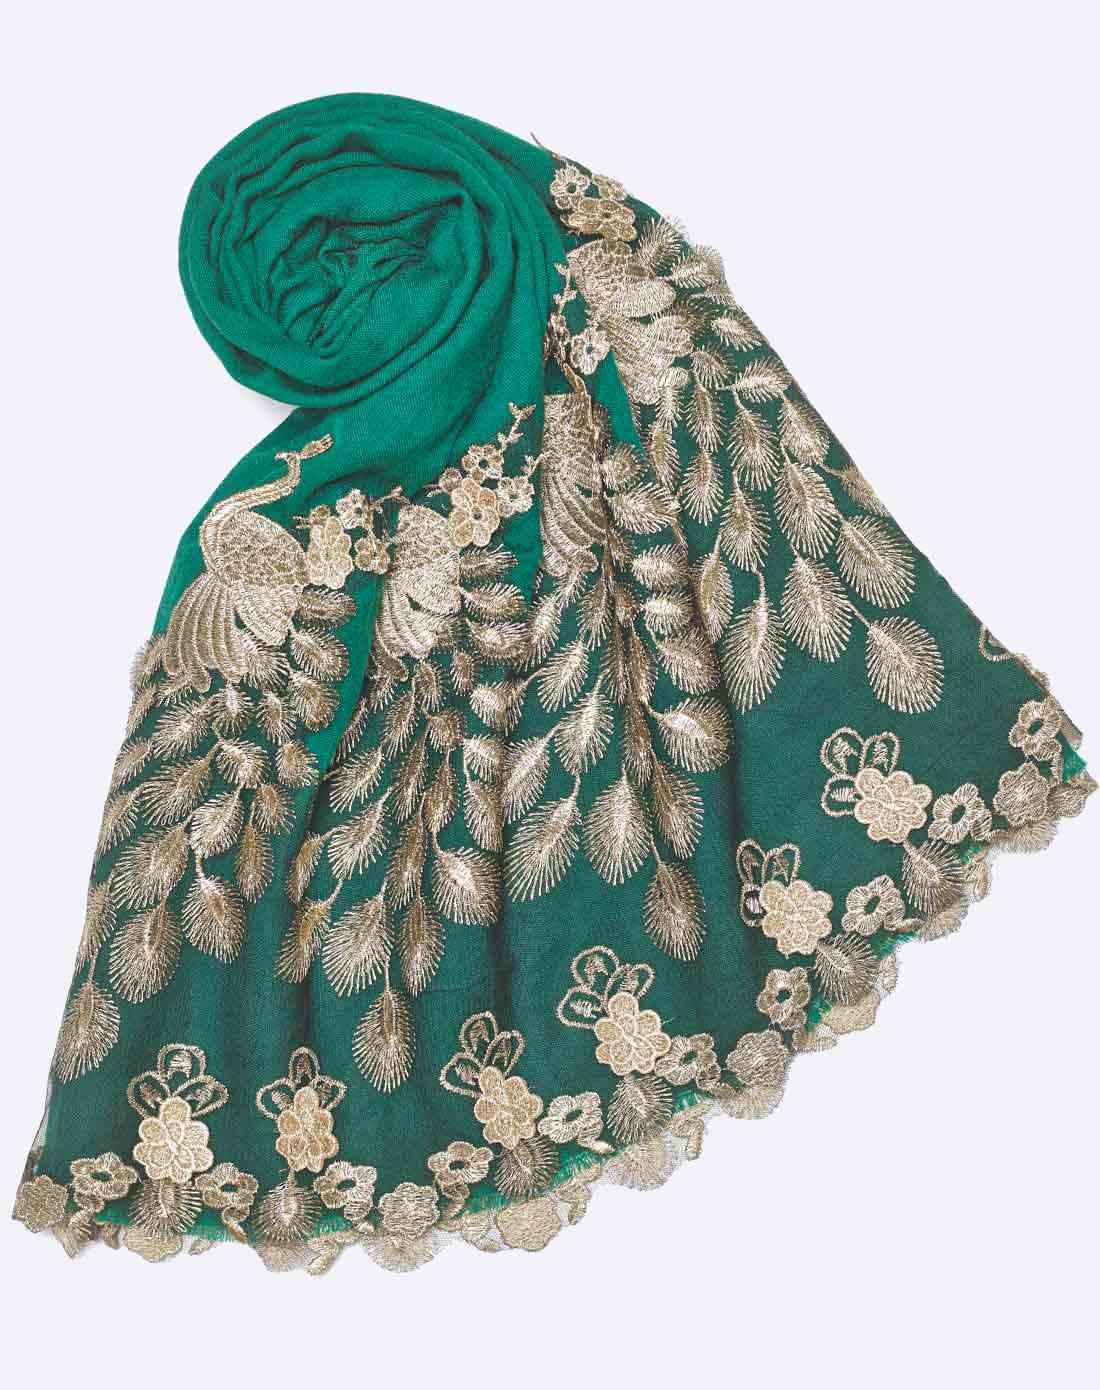 绿色孔雀开屏羊毛保暖围巾披肩